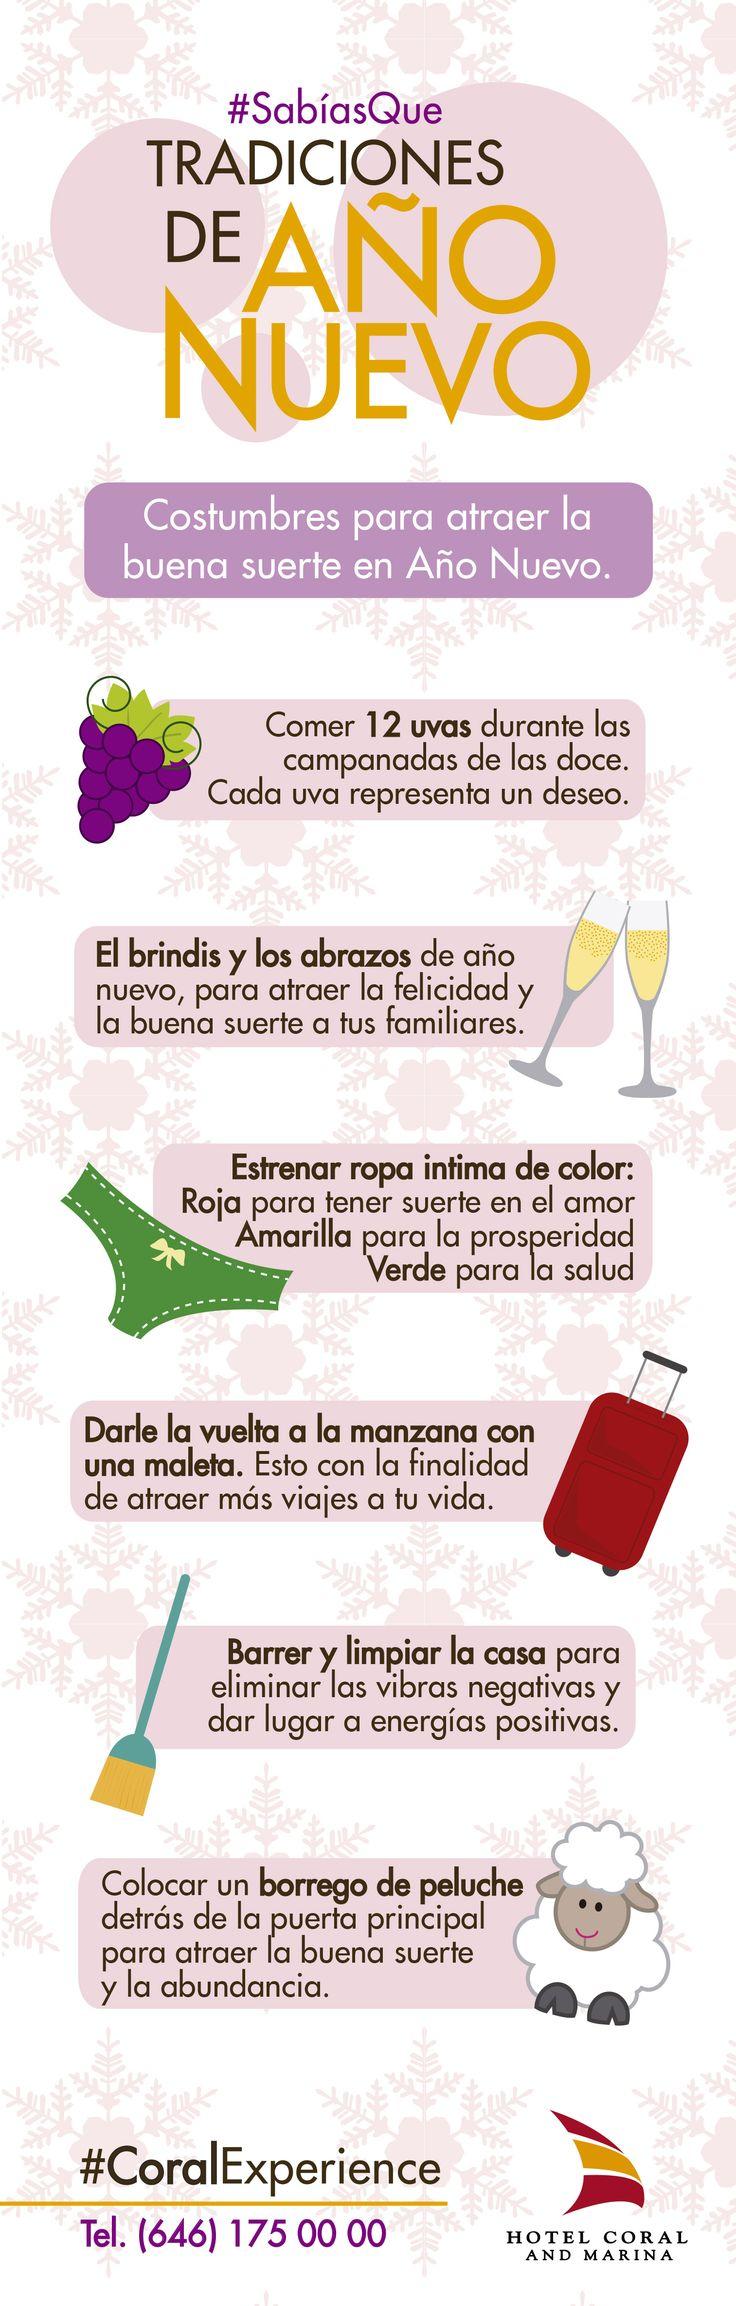 Te mostramos las tradiciones mas populares para atraer la buena suerte durante el año nuevo. Visita #Ensenada, vive #CoralExperience.